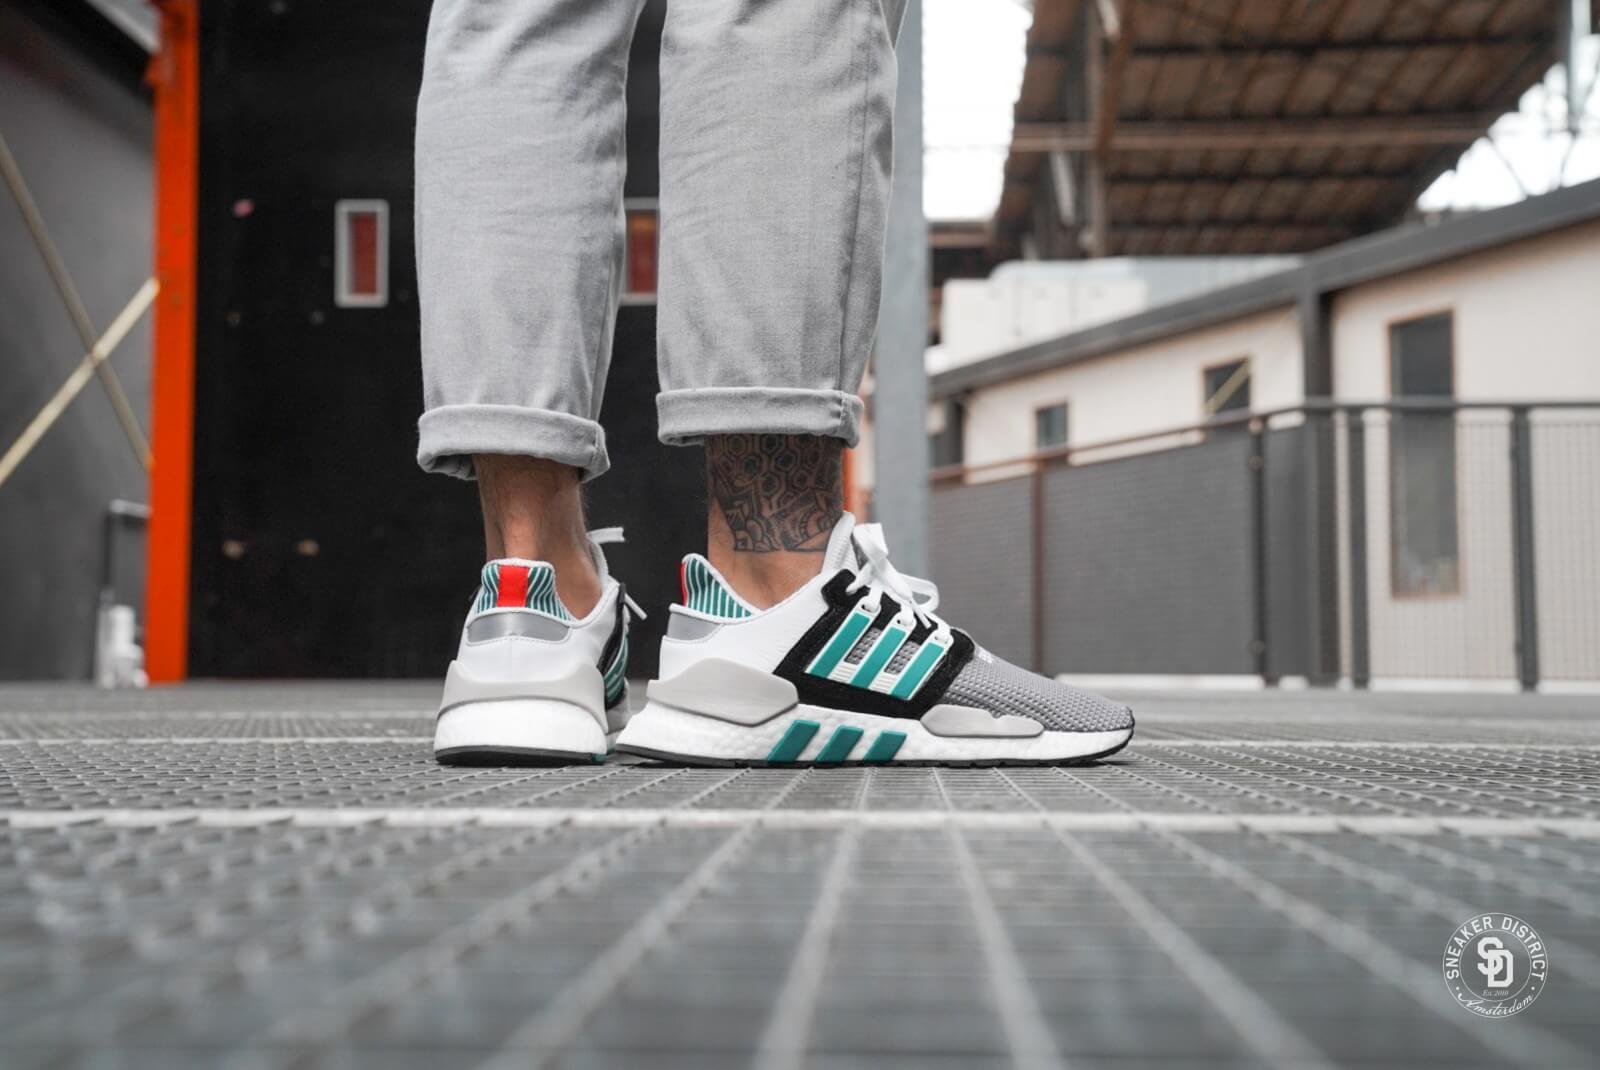 Adidas EQT Support 9118 Core BlackSub Green AQ1037